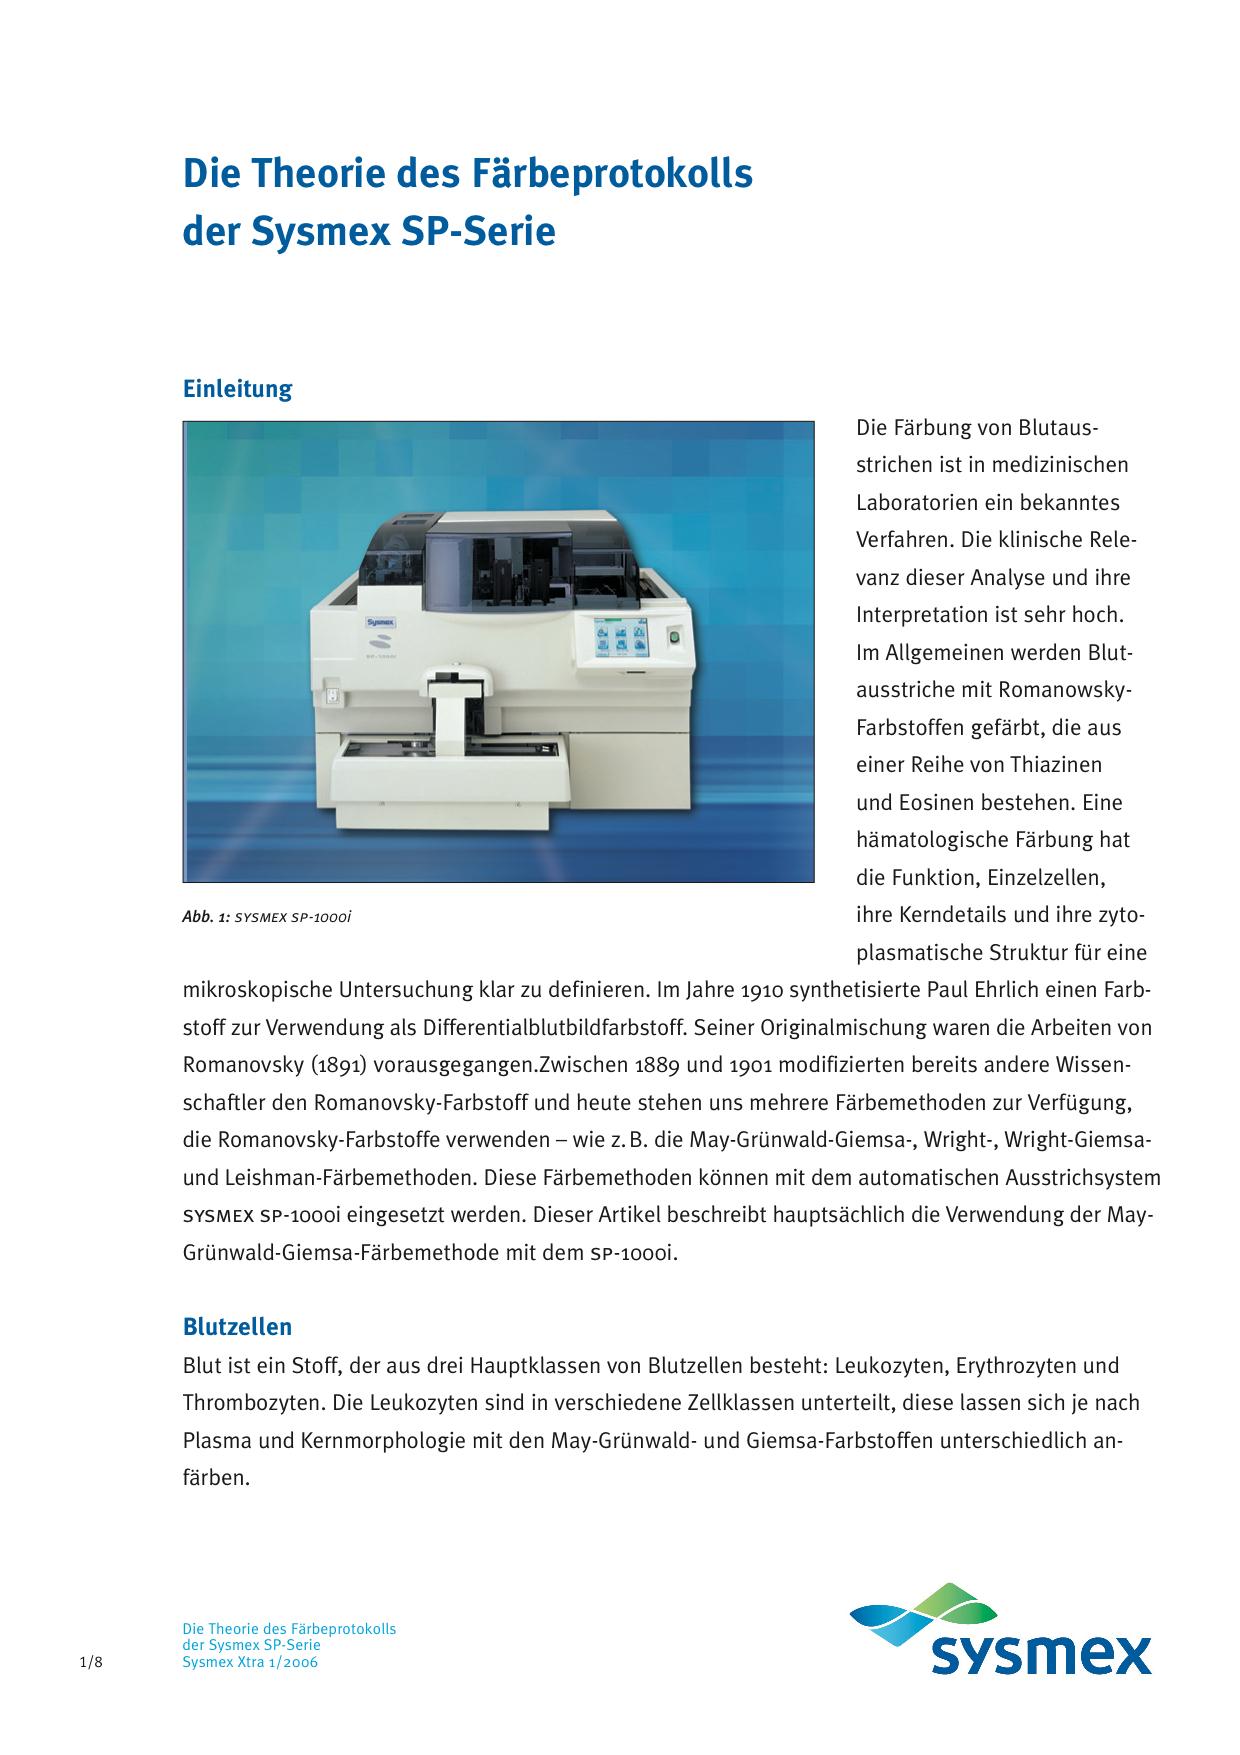 Serie zum Klinikum Lüdenscheid - Klinik für Hämatologie